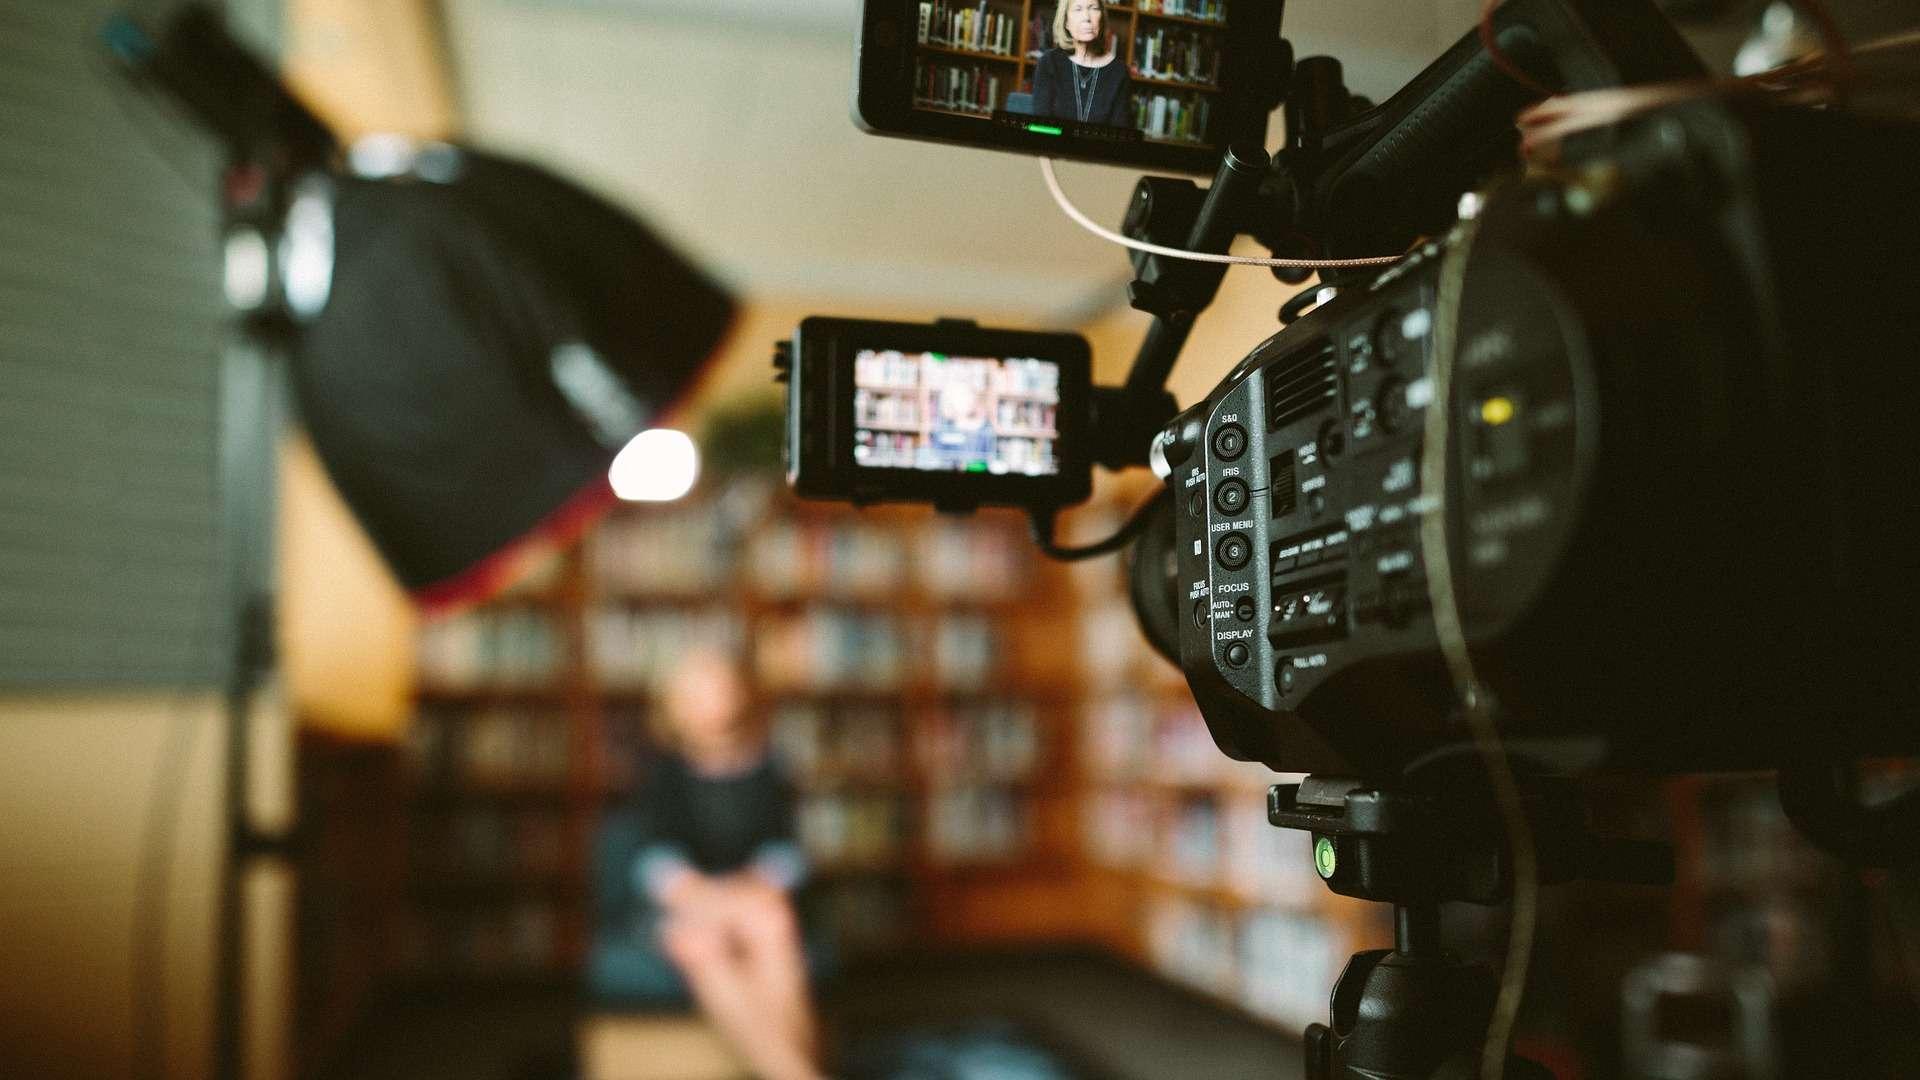 Seitliche Perspektive auf eine Kamera, die ein Interview mit einer Frau in einer Bibliothek filmt